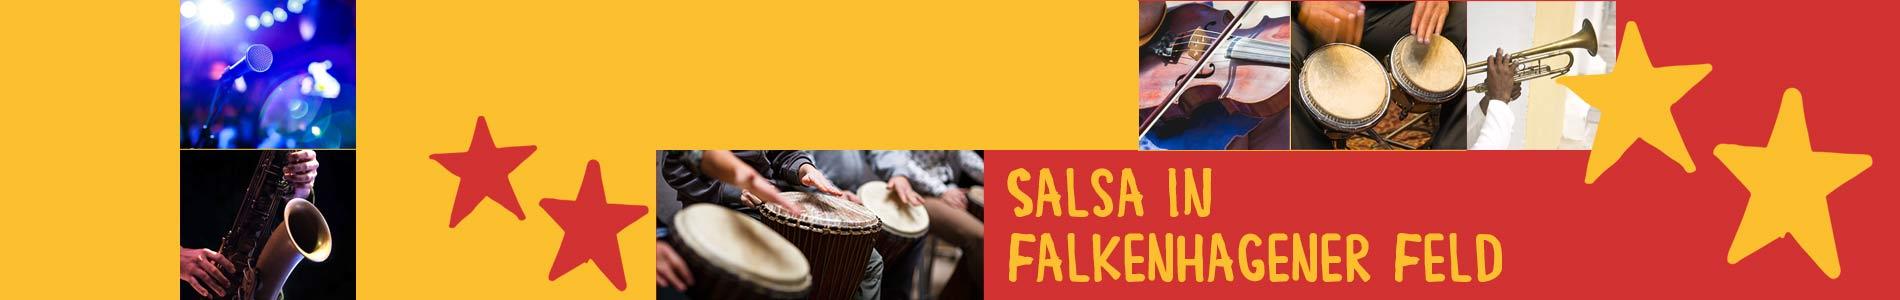 Salsa in Falkenhagener Feld – Salsa lernen und tanzen, Tanzkurse, Partys, Veranstaltungen